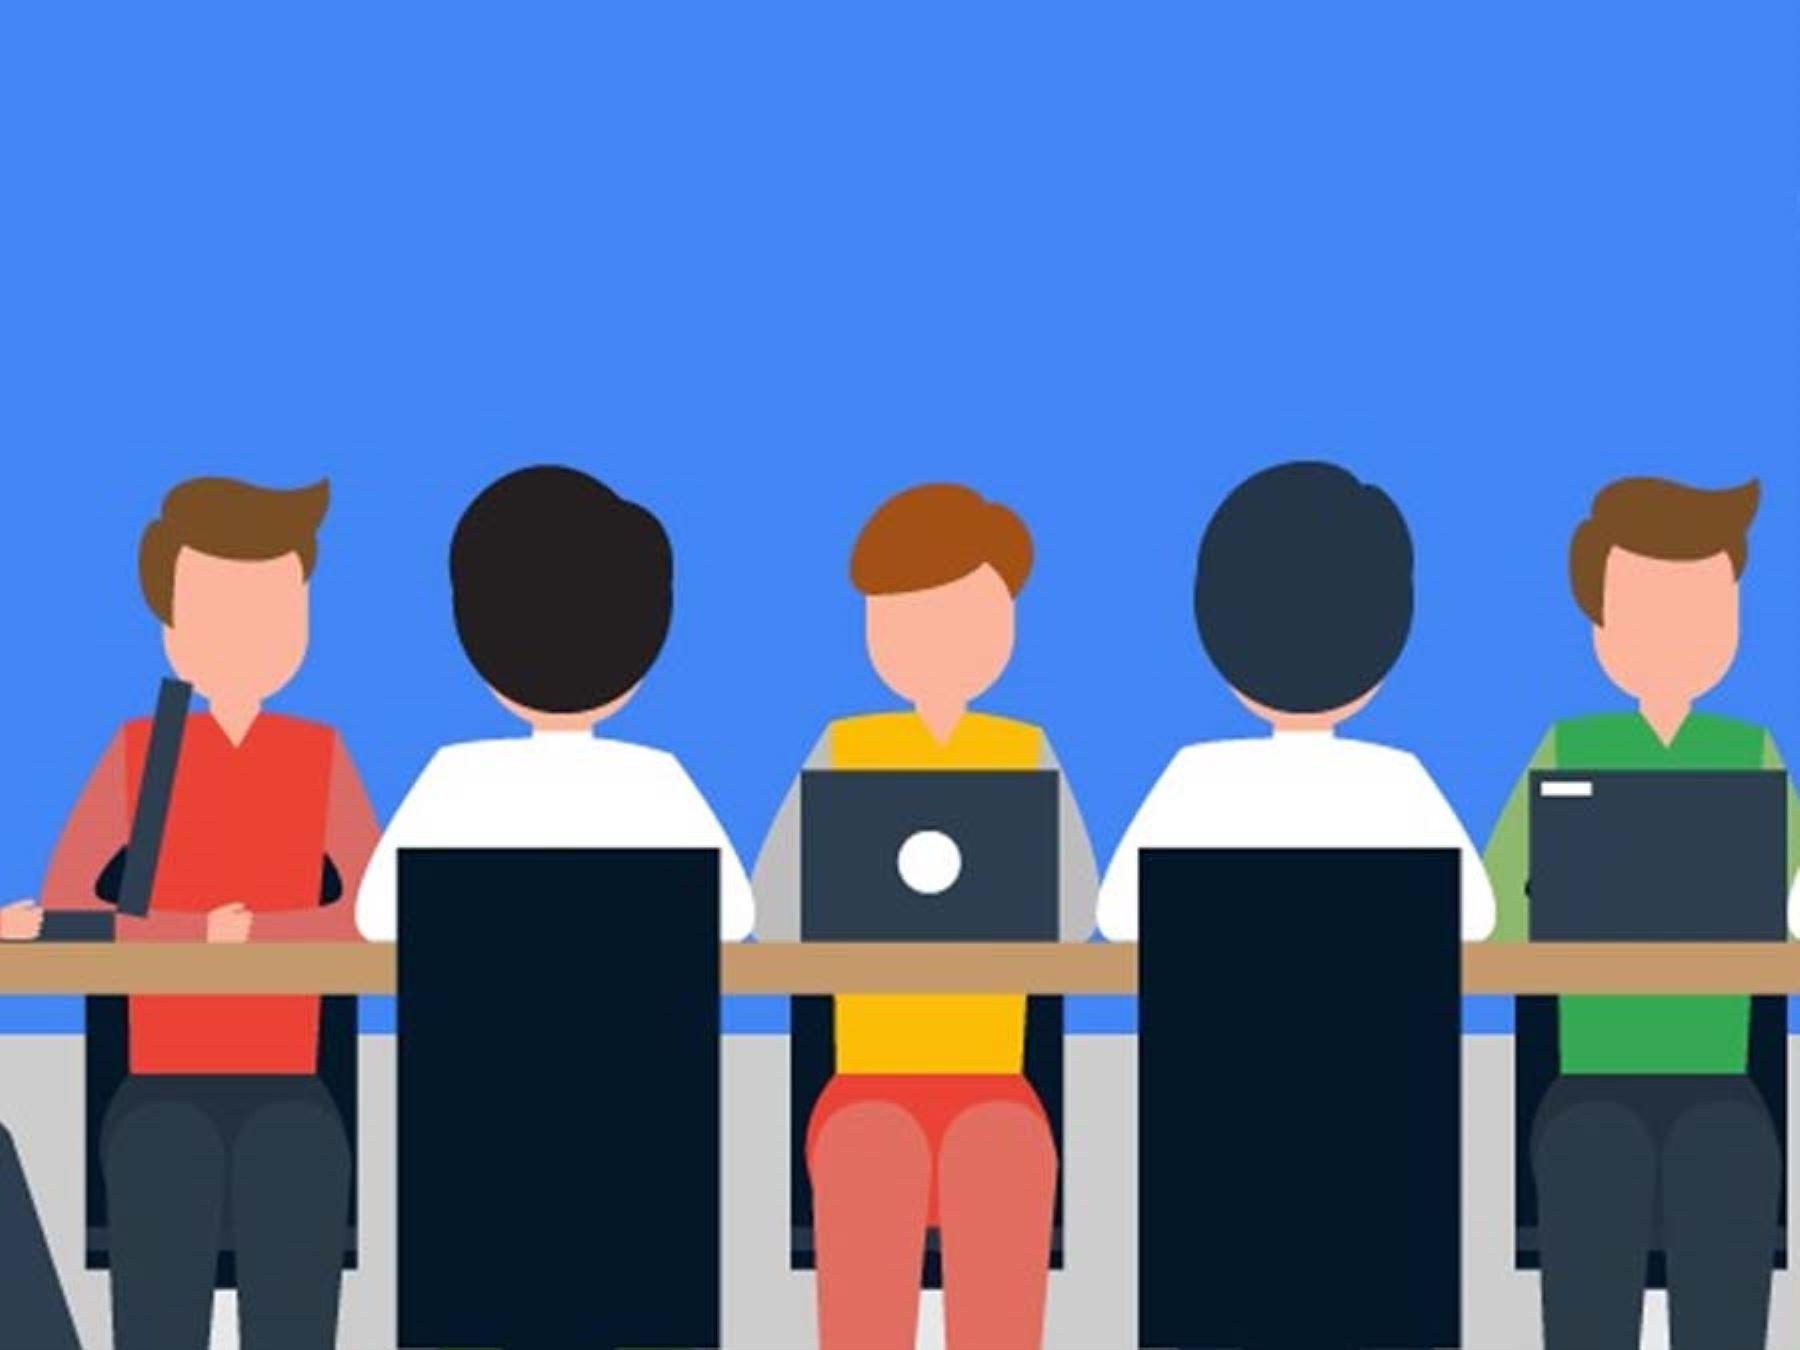 Google for Nonprofits ofrece acceso, sin ningún costo, a una gama de productos y servicios con el que las entidades puedan organizarse de forma más eficientemente, encontrar voluntarios, donantes y miembros.